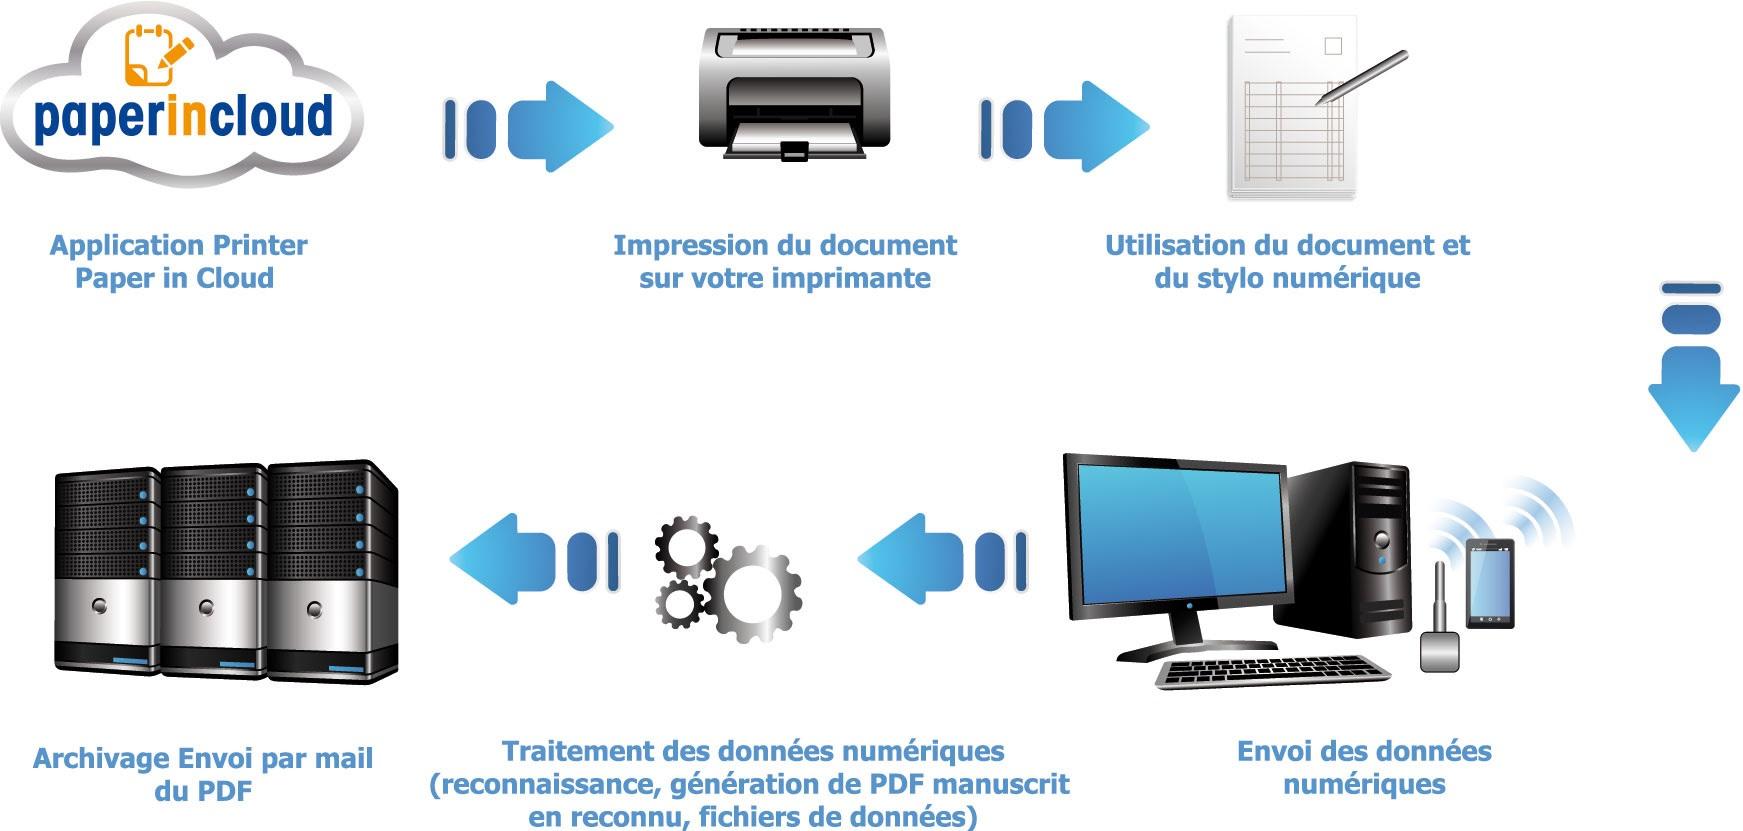 Solution Paper In Cloud : Les données numériques du stylo